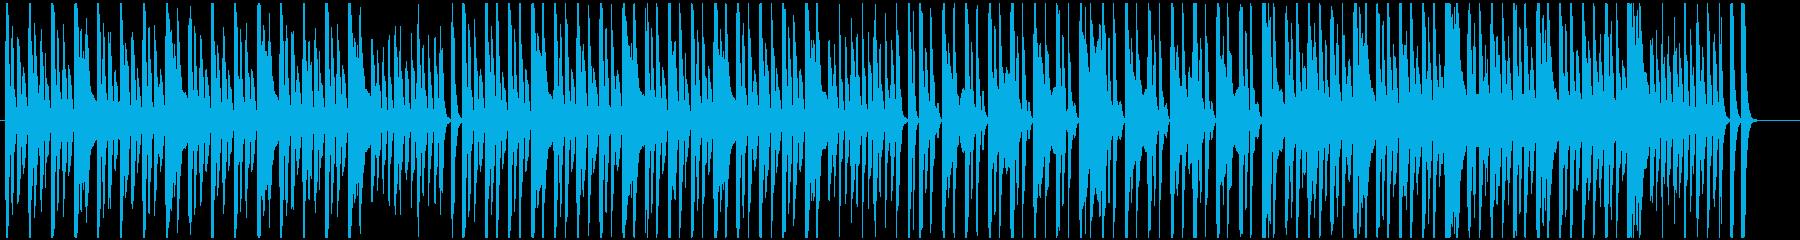 可愛いほのぼのBGMの再生済みの波形